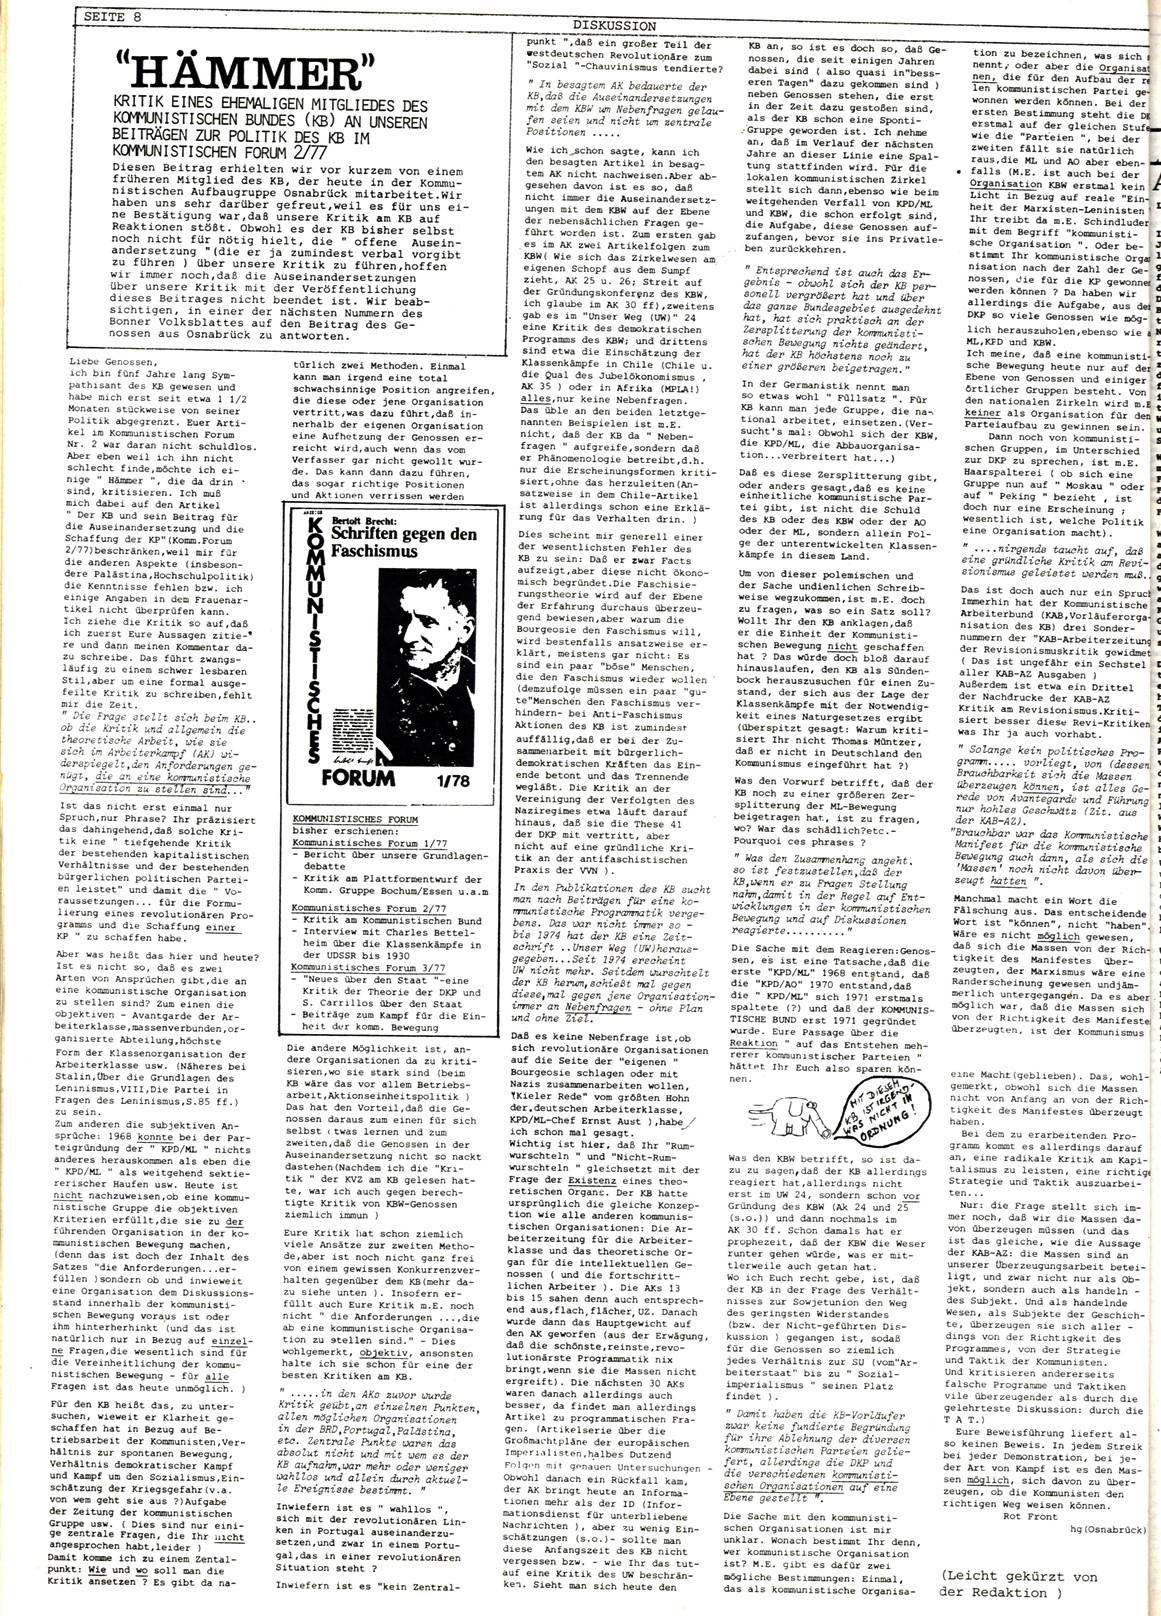 Bonner_Volksblatt_11_19780330_08